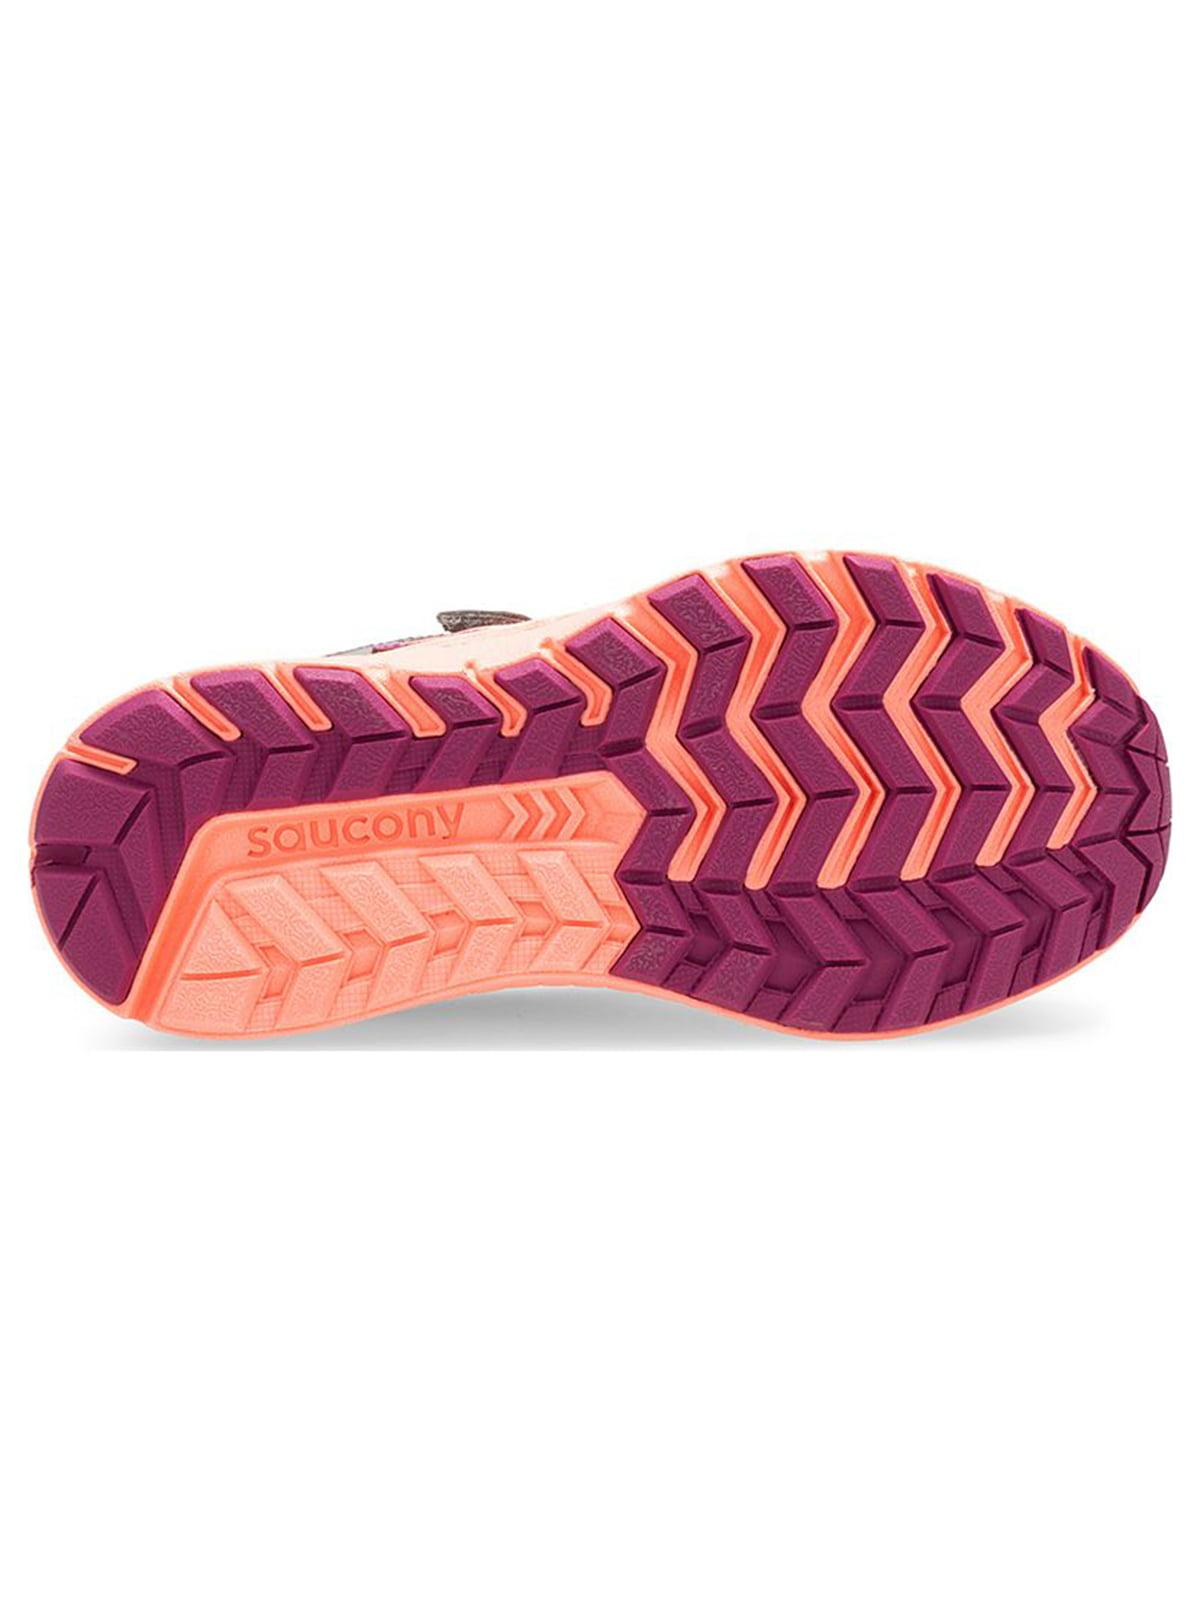 Кросівки сіро-коралові Cohesion 12 | 4920797 | фото 4